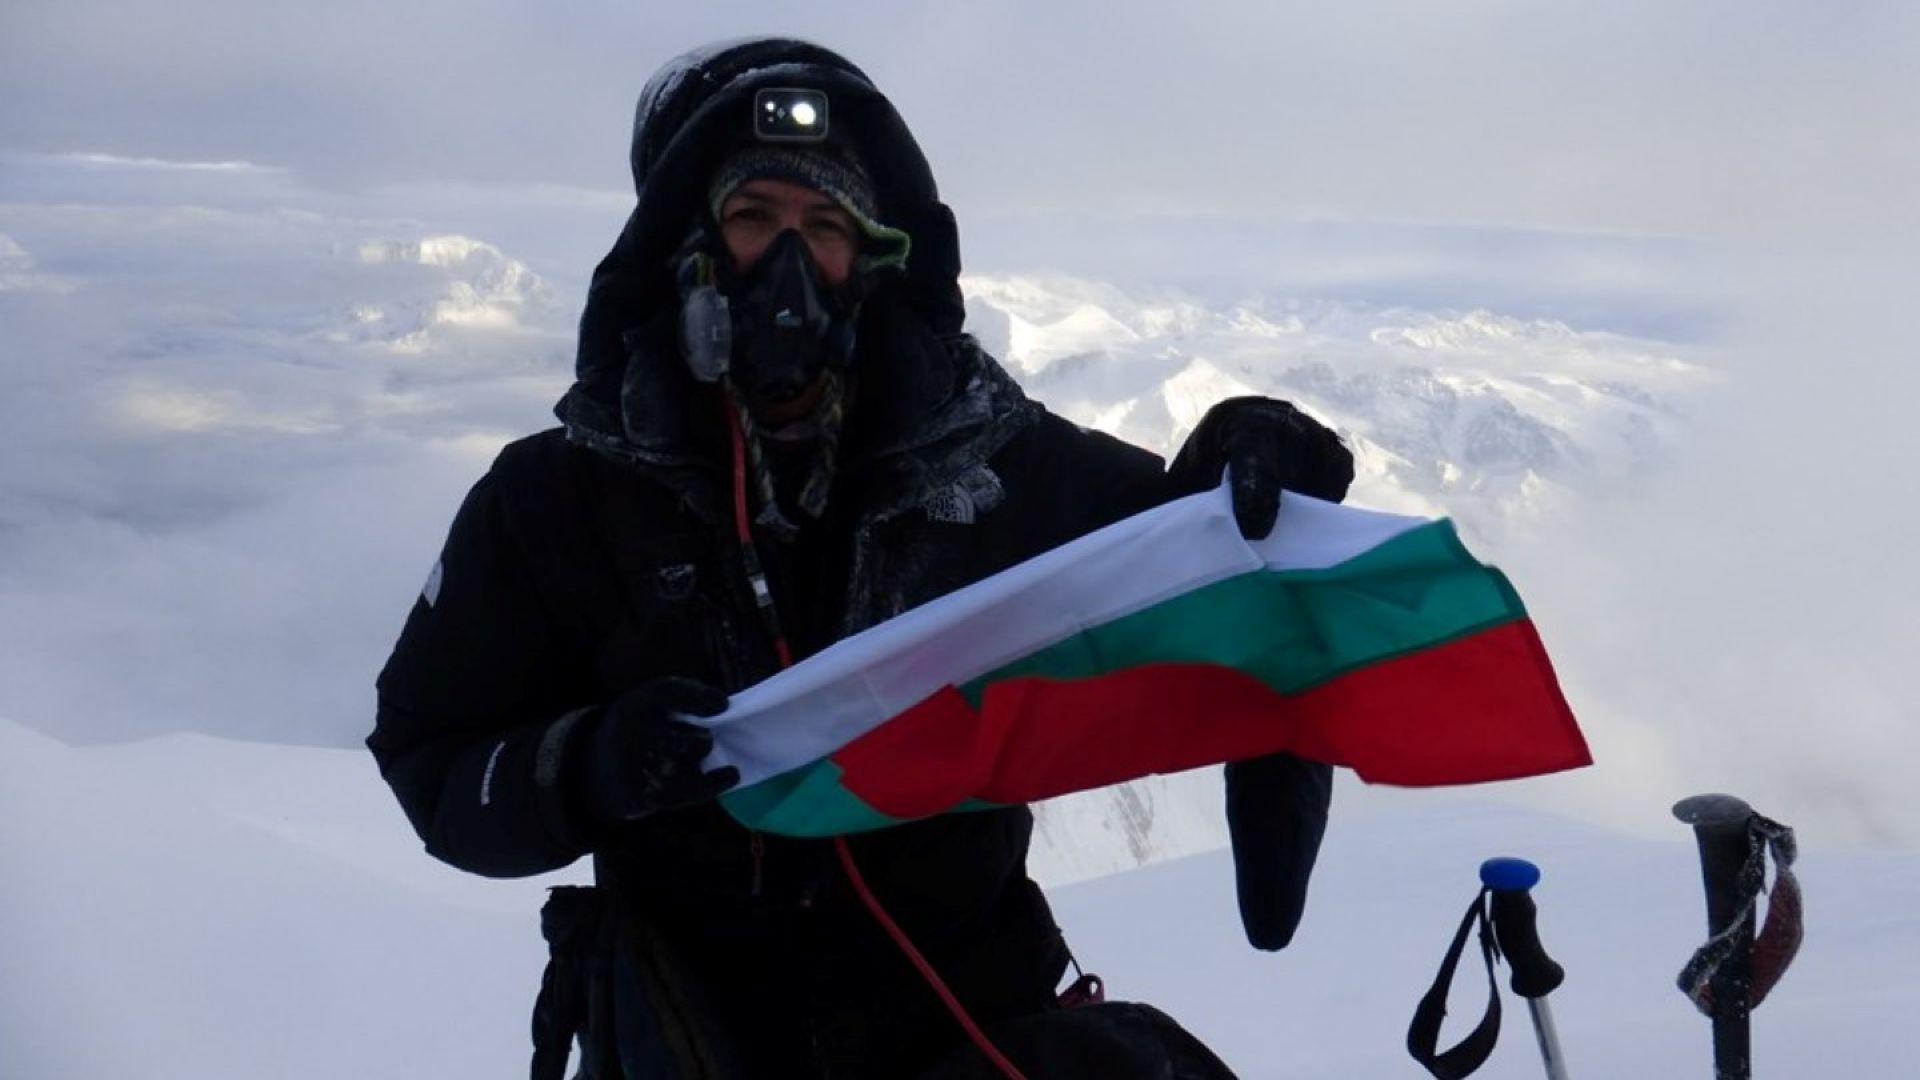 Разказът на Владимир Павлов, който се спусна със сноуборд от осемхилядника Манаслу